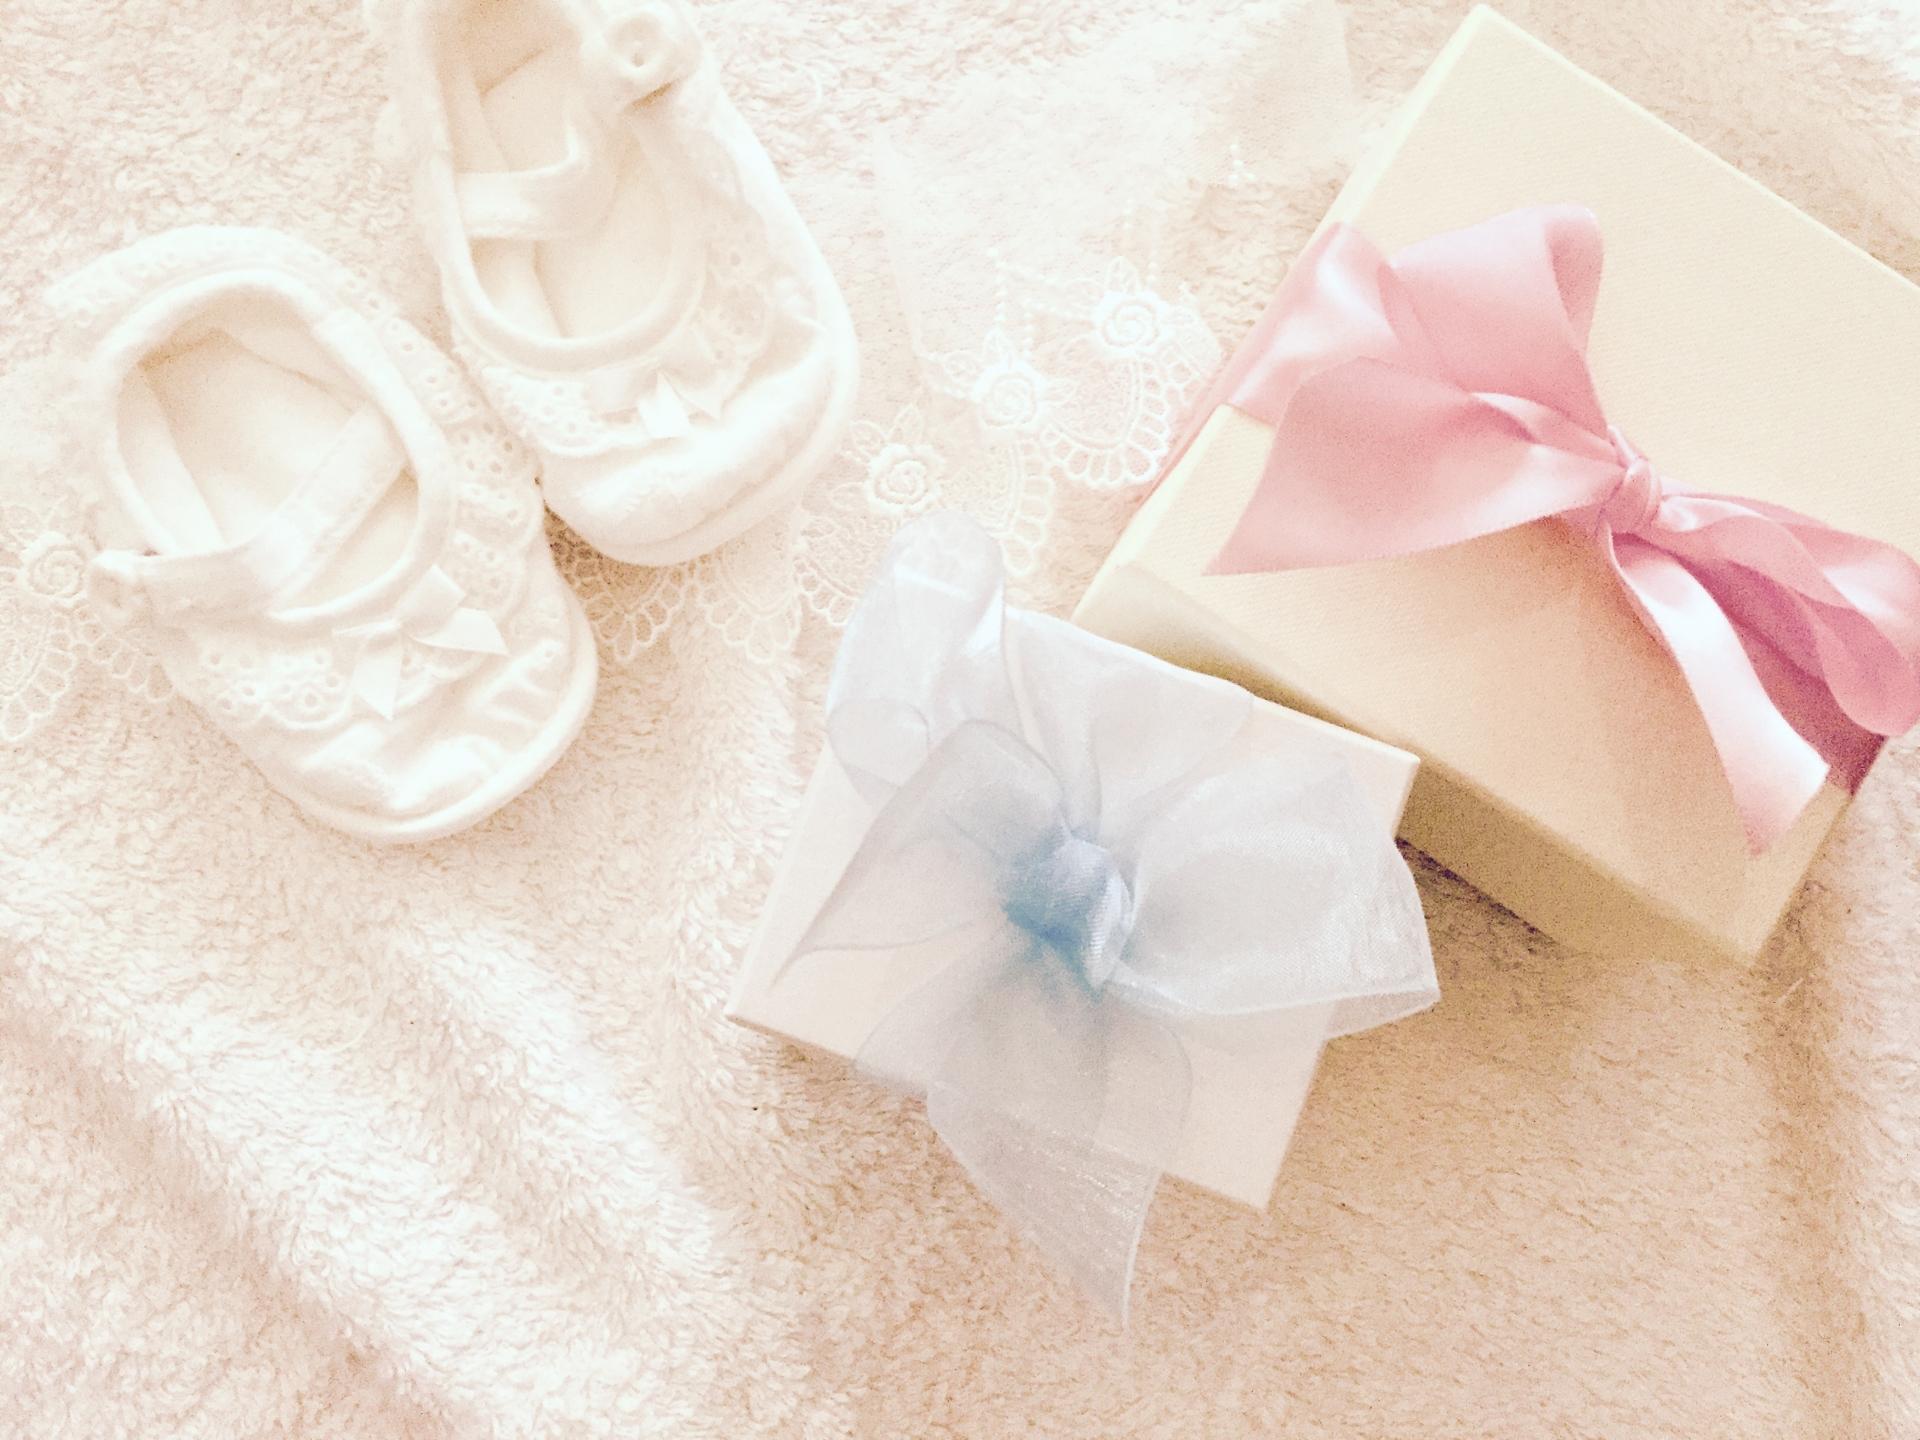 妊娠中の友達や親戚へのプレゼントは何がいい?NGなものや選び方